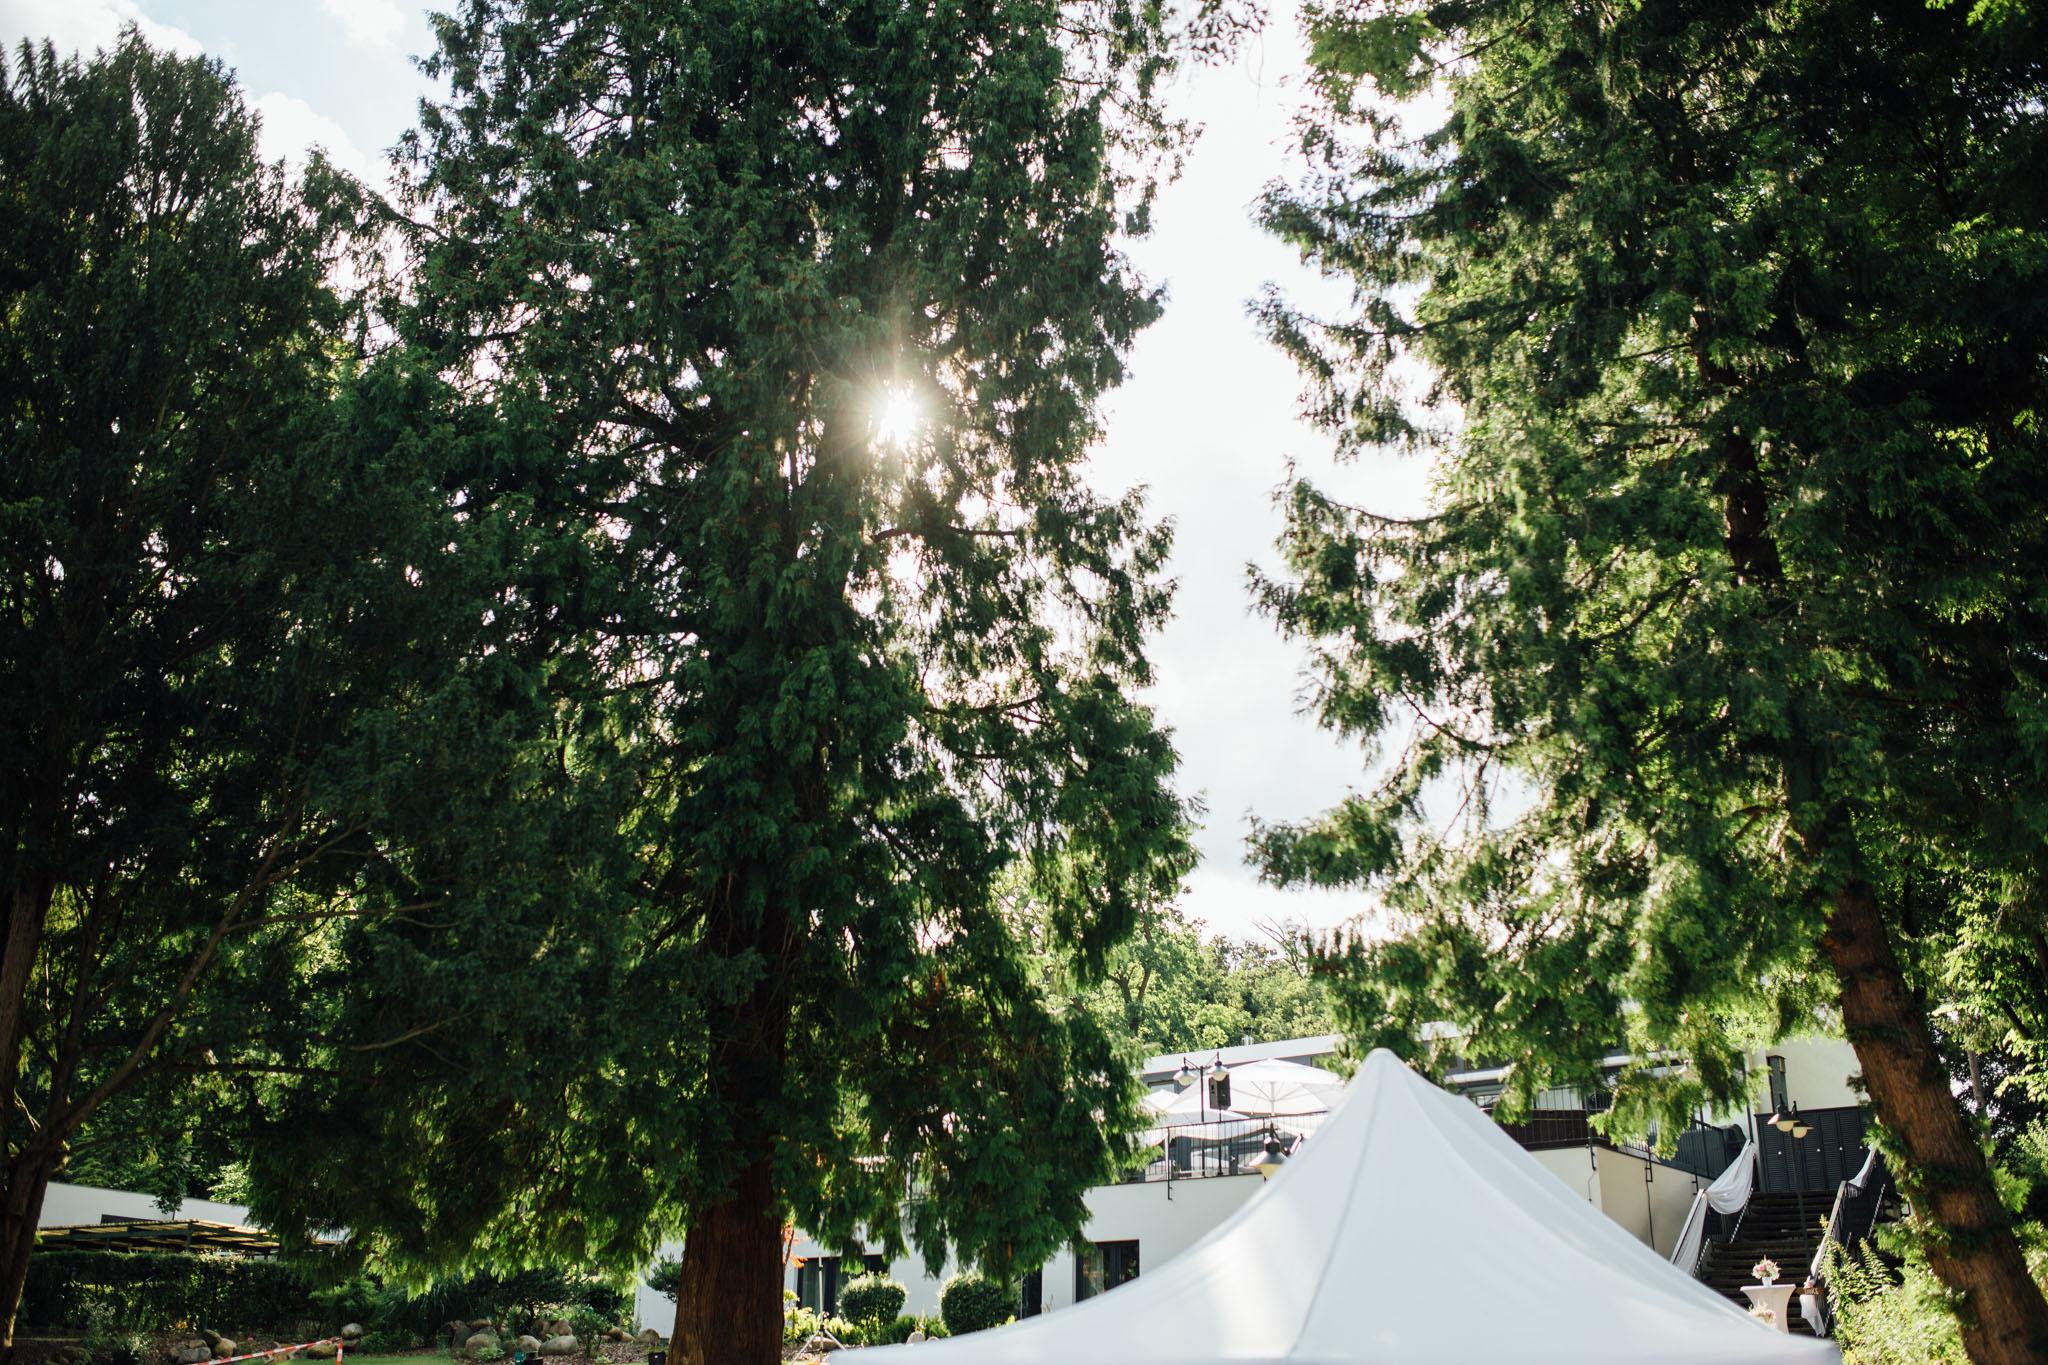 hochzeitsreportage-grün-sonne-partyzelt